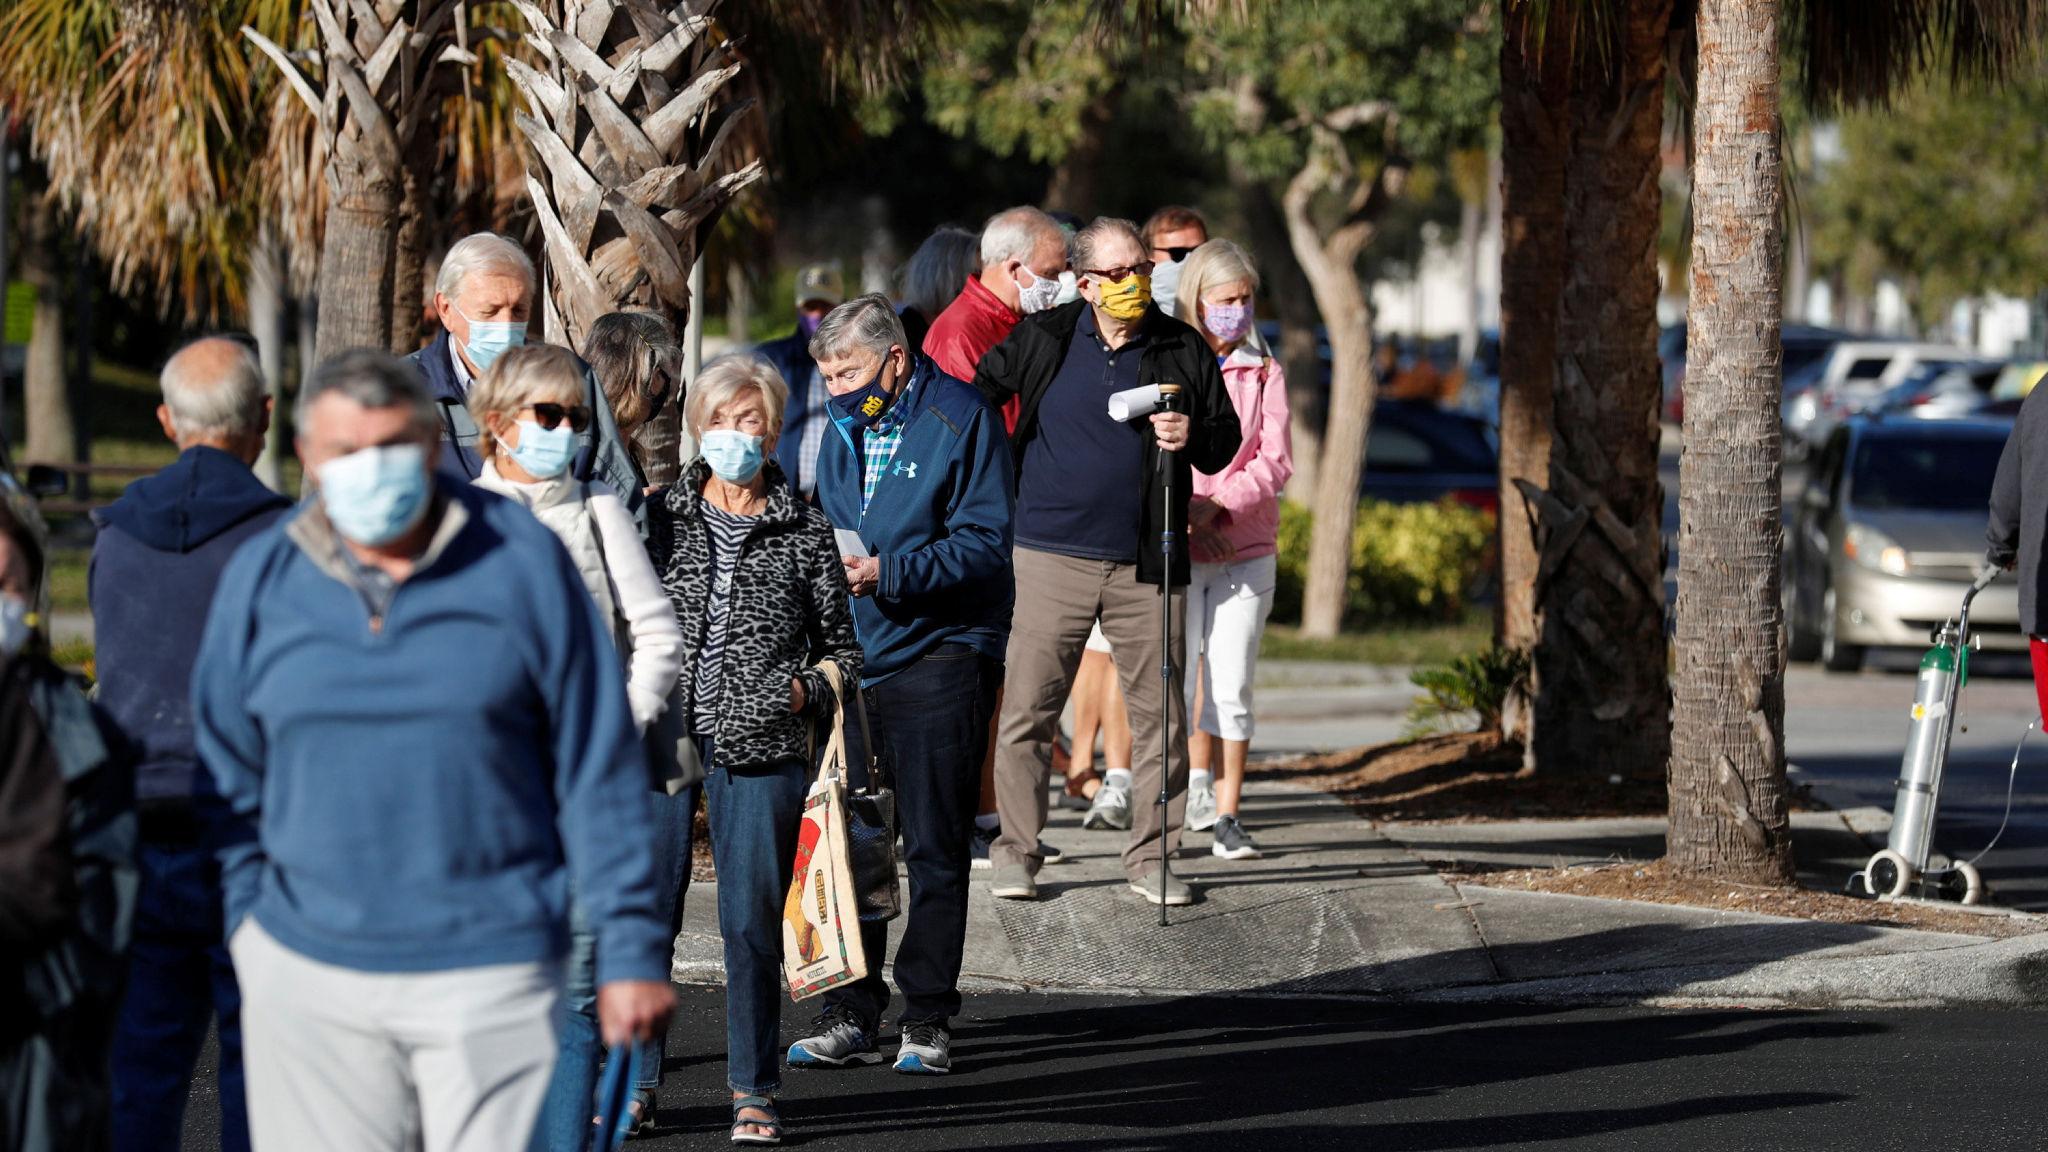 ABD'de toplam korona virüs vaka sayısı 28.5 milyonu aştı